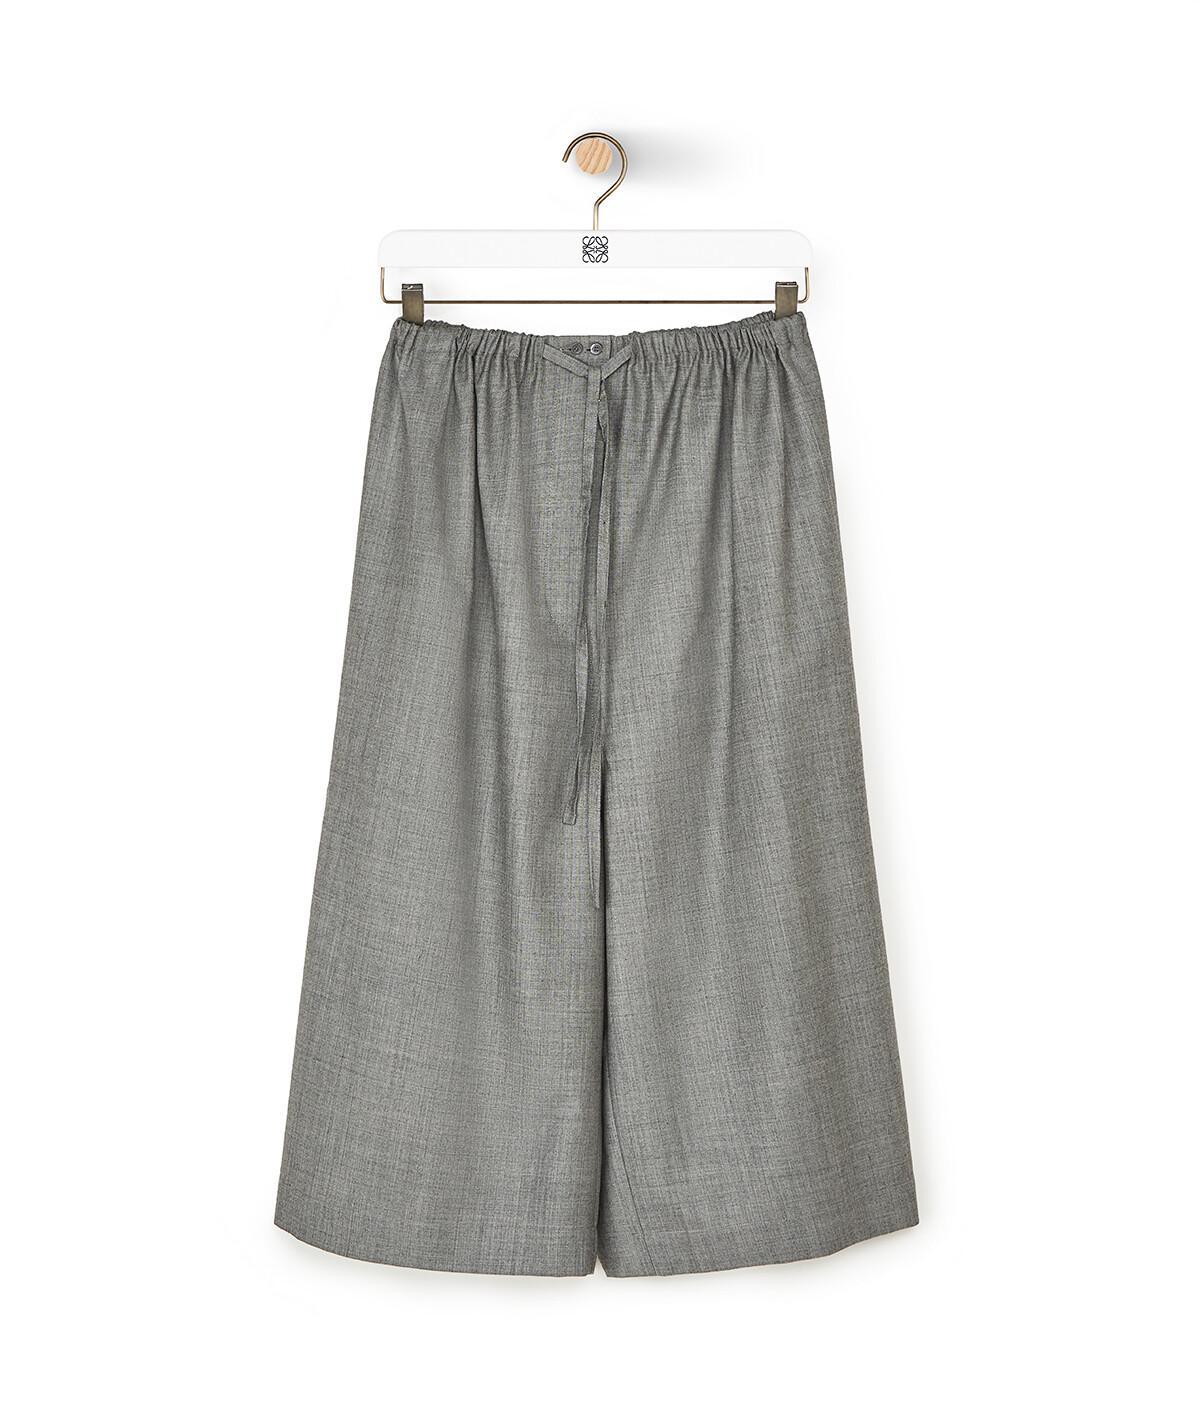 LOEWE Drawstring Shorts 灰色 front